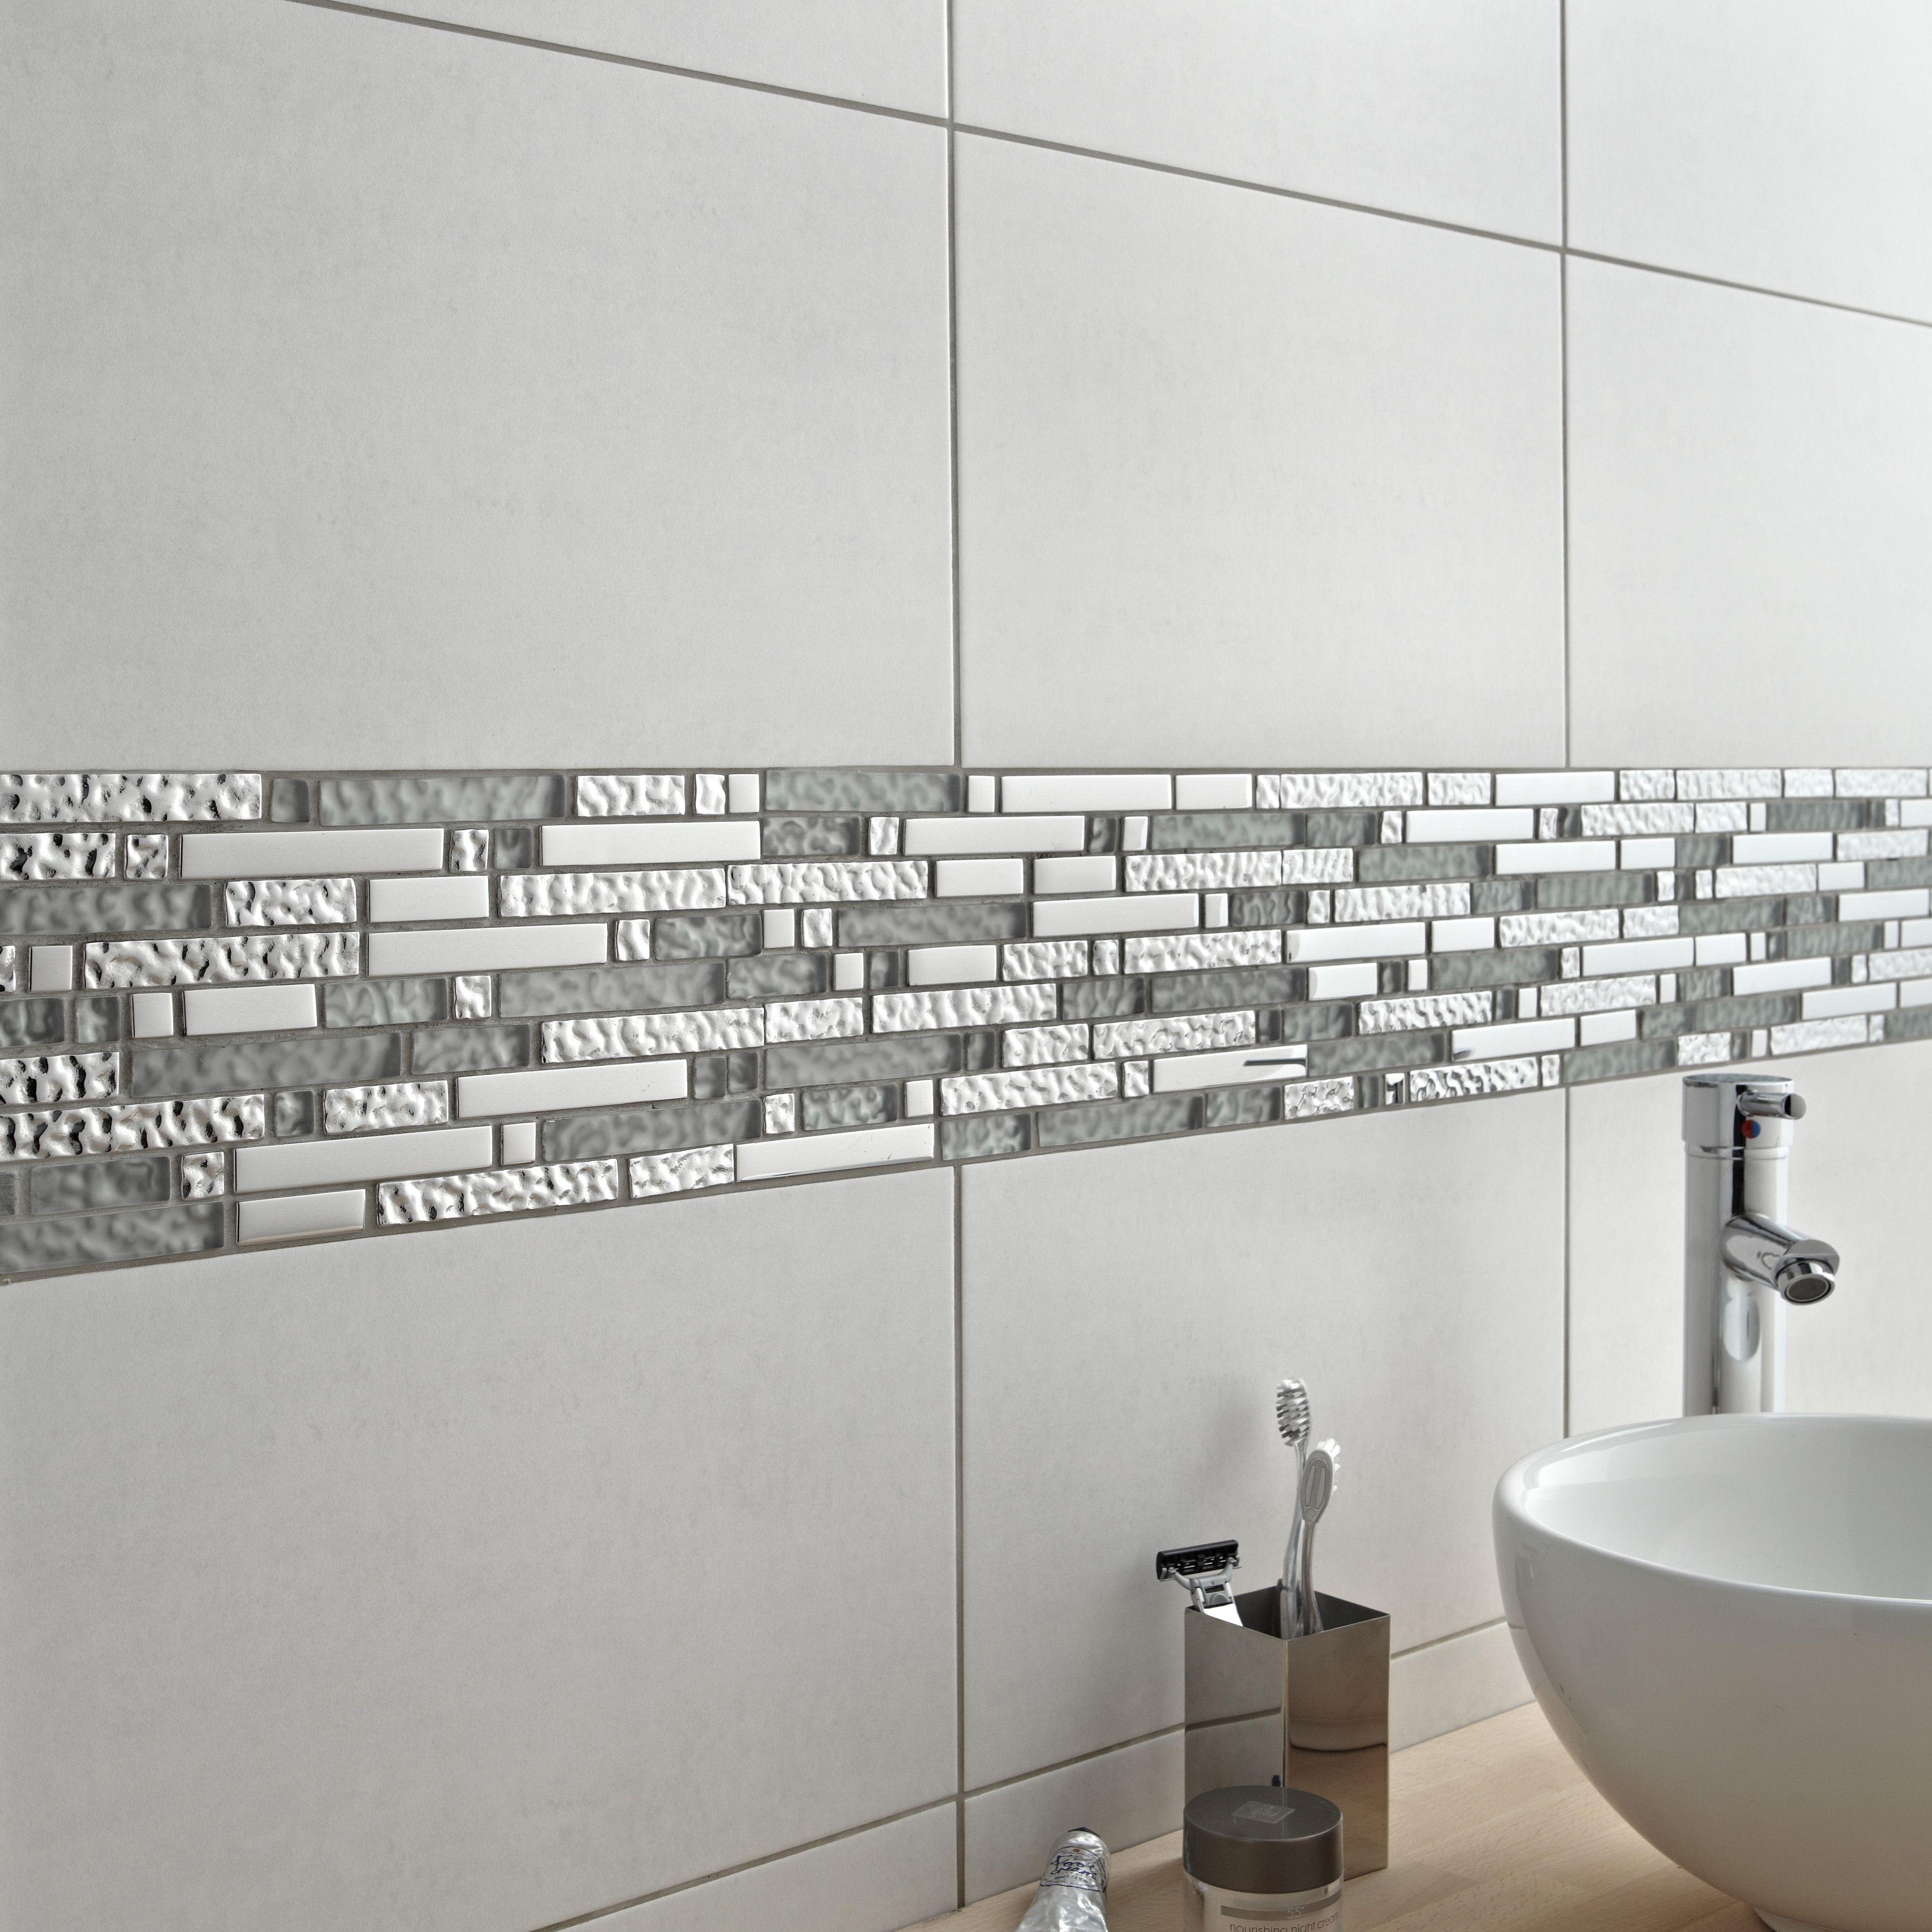 Mosa que ice tendance salle de bain deco salle de bain - Mosaique adhesive pour salle de bain ...